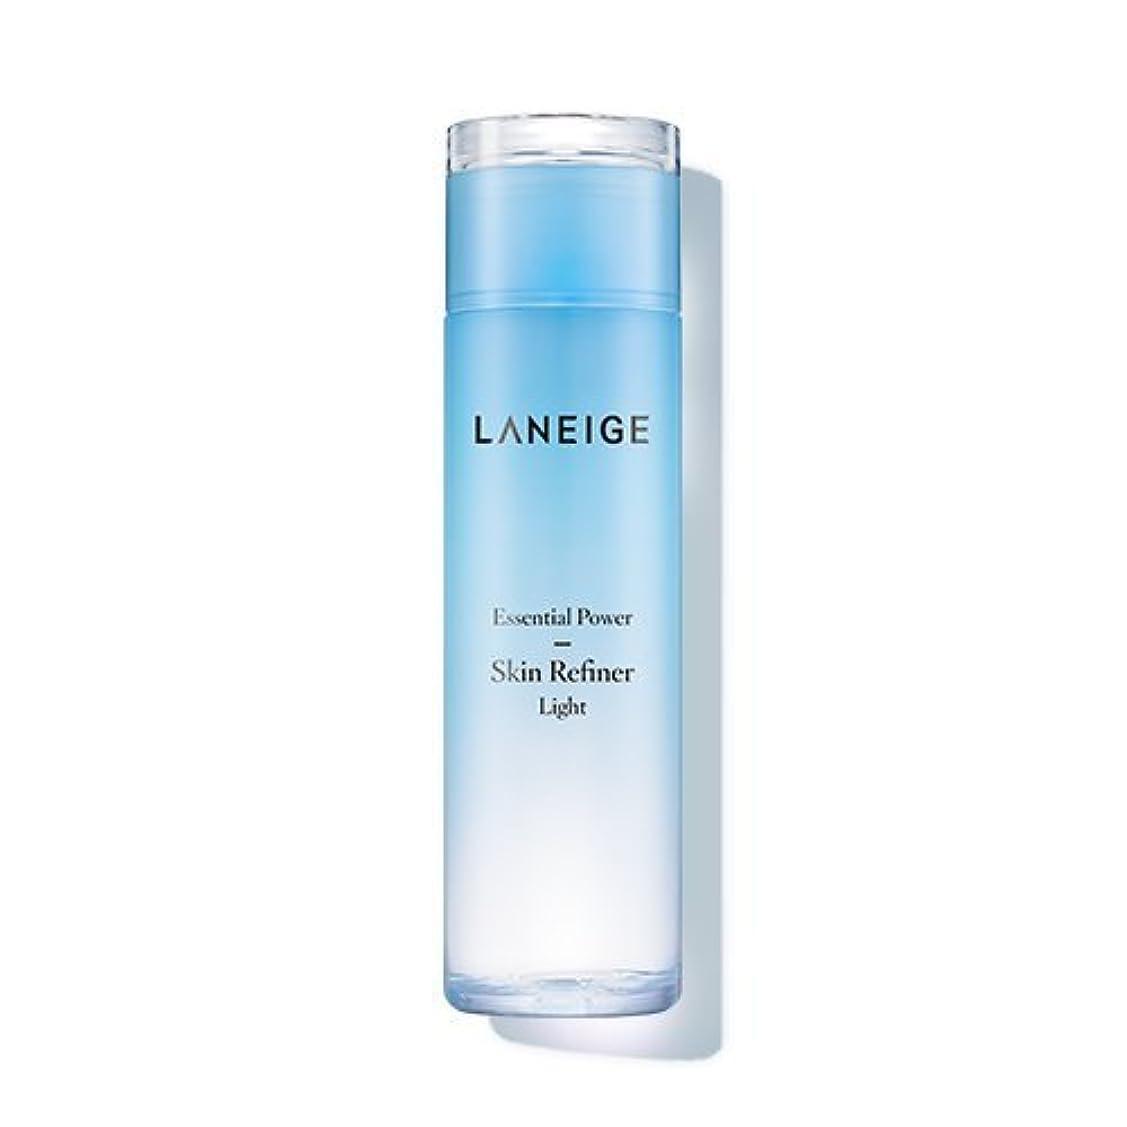 メンテナンス驚かす泣き叫ぶLANEIGE Essential Power Skin Refiner Light 200ml/ラネージュ エッセンシャル パワー スキン リファイナー ライト 200ml [並行輸入品]